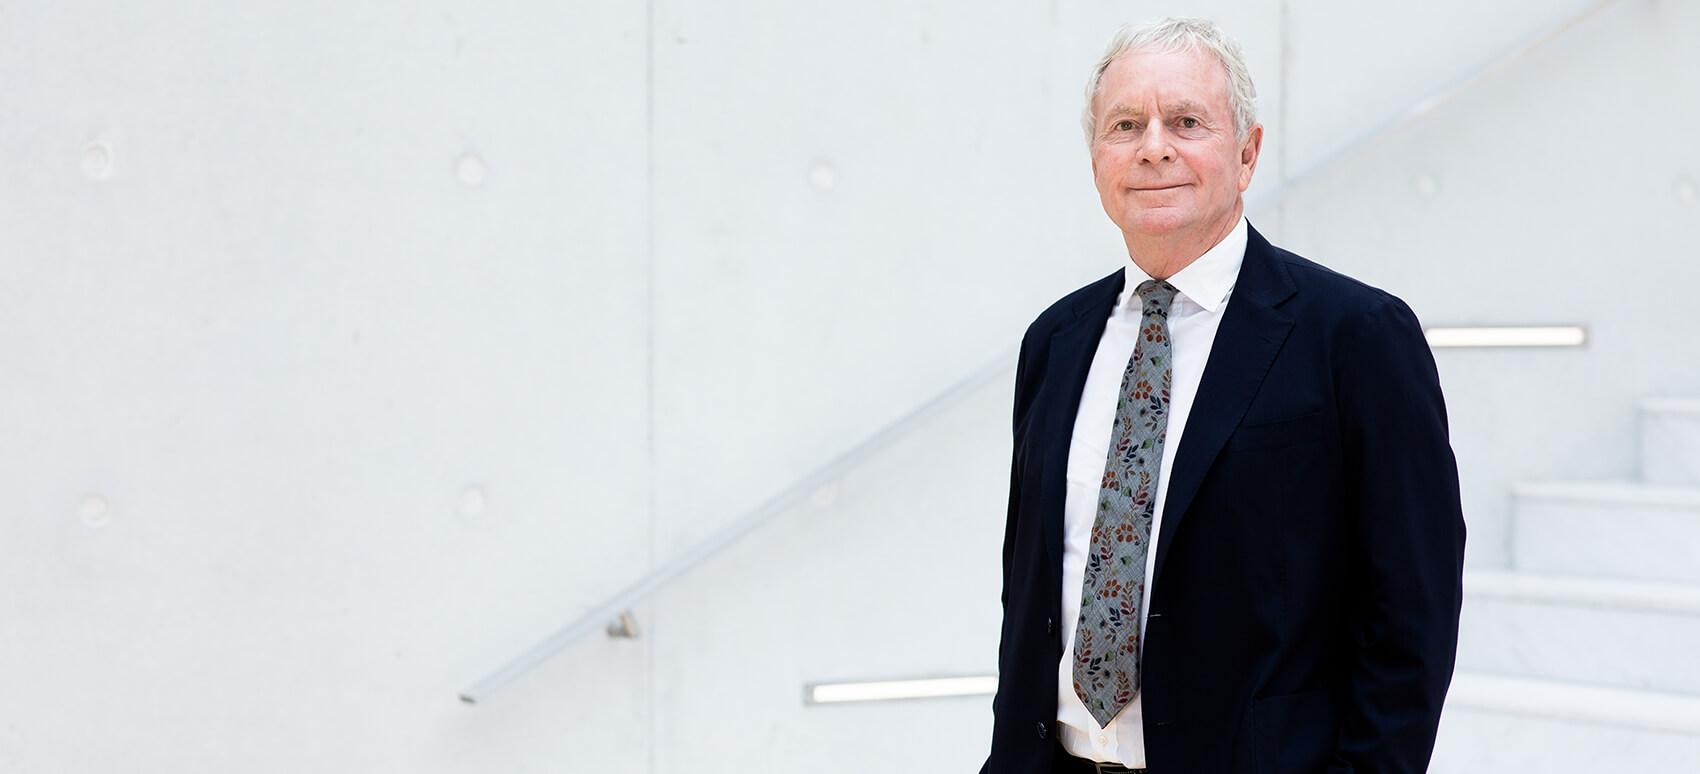 Kurt K. Larsen trækker sig som bestyrelsesformand for DSV Panalpina A/S